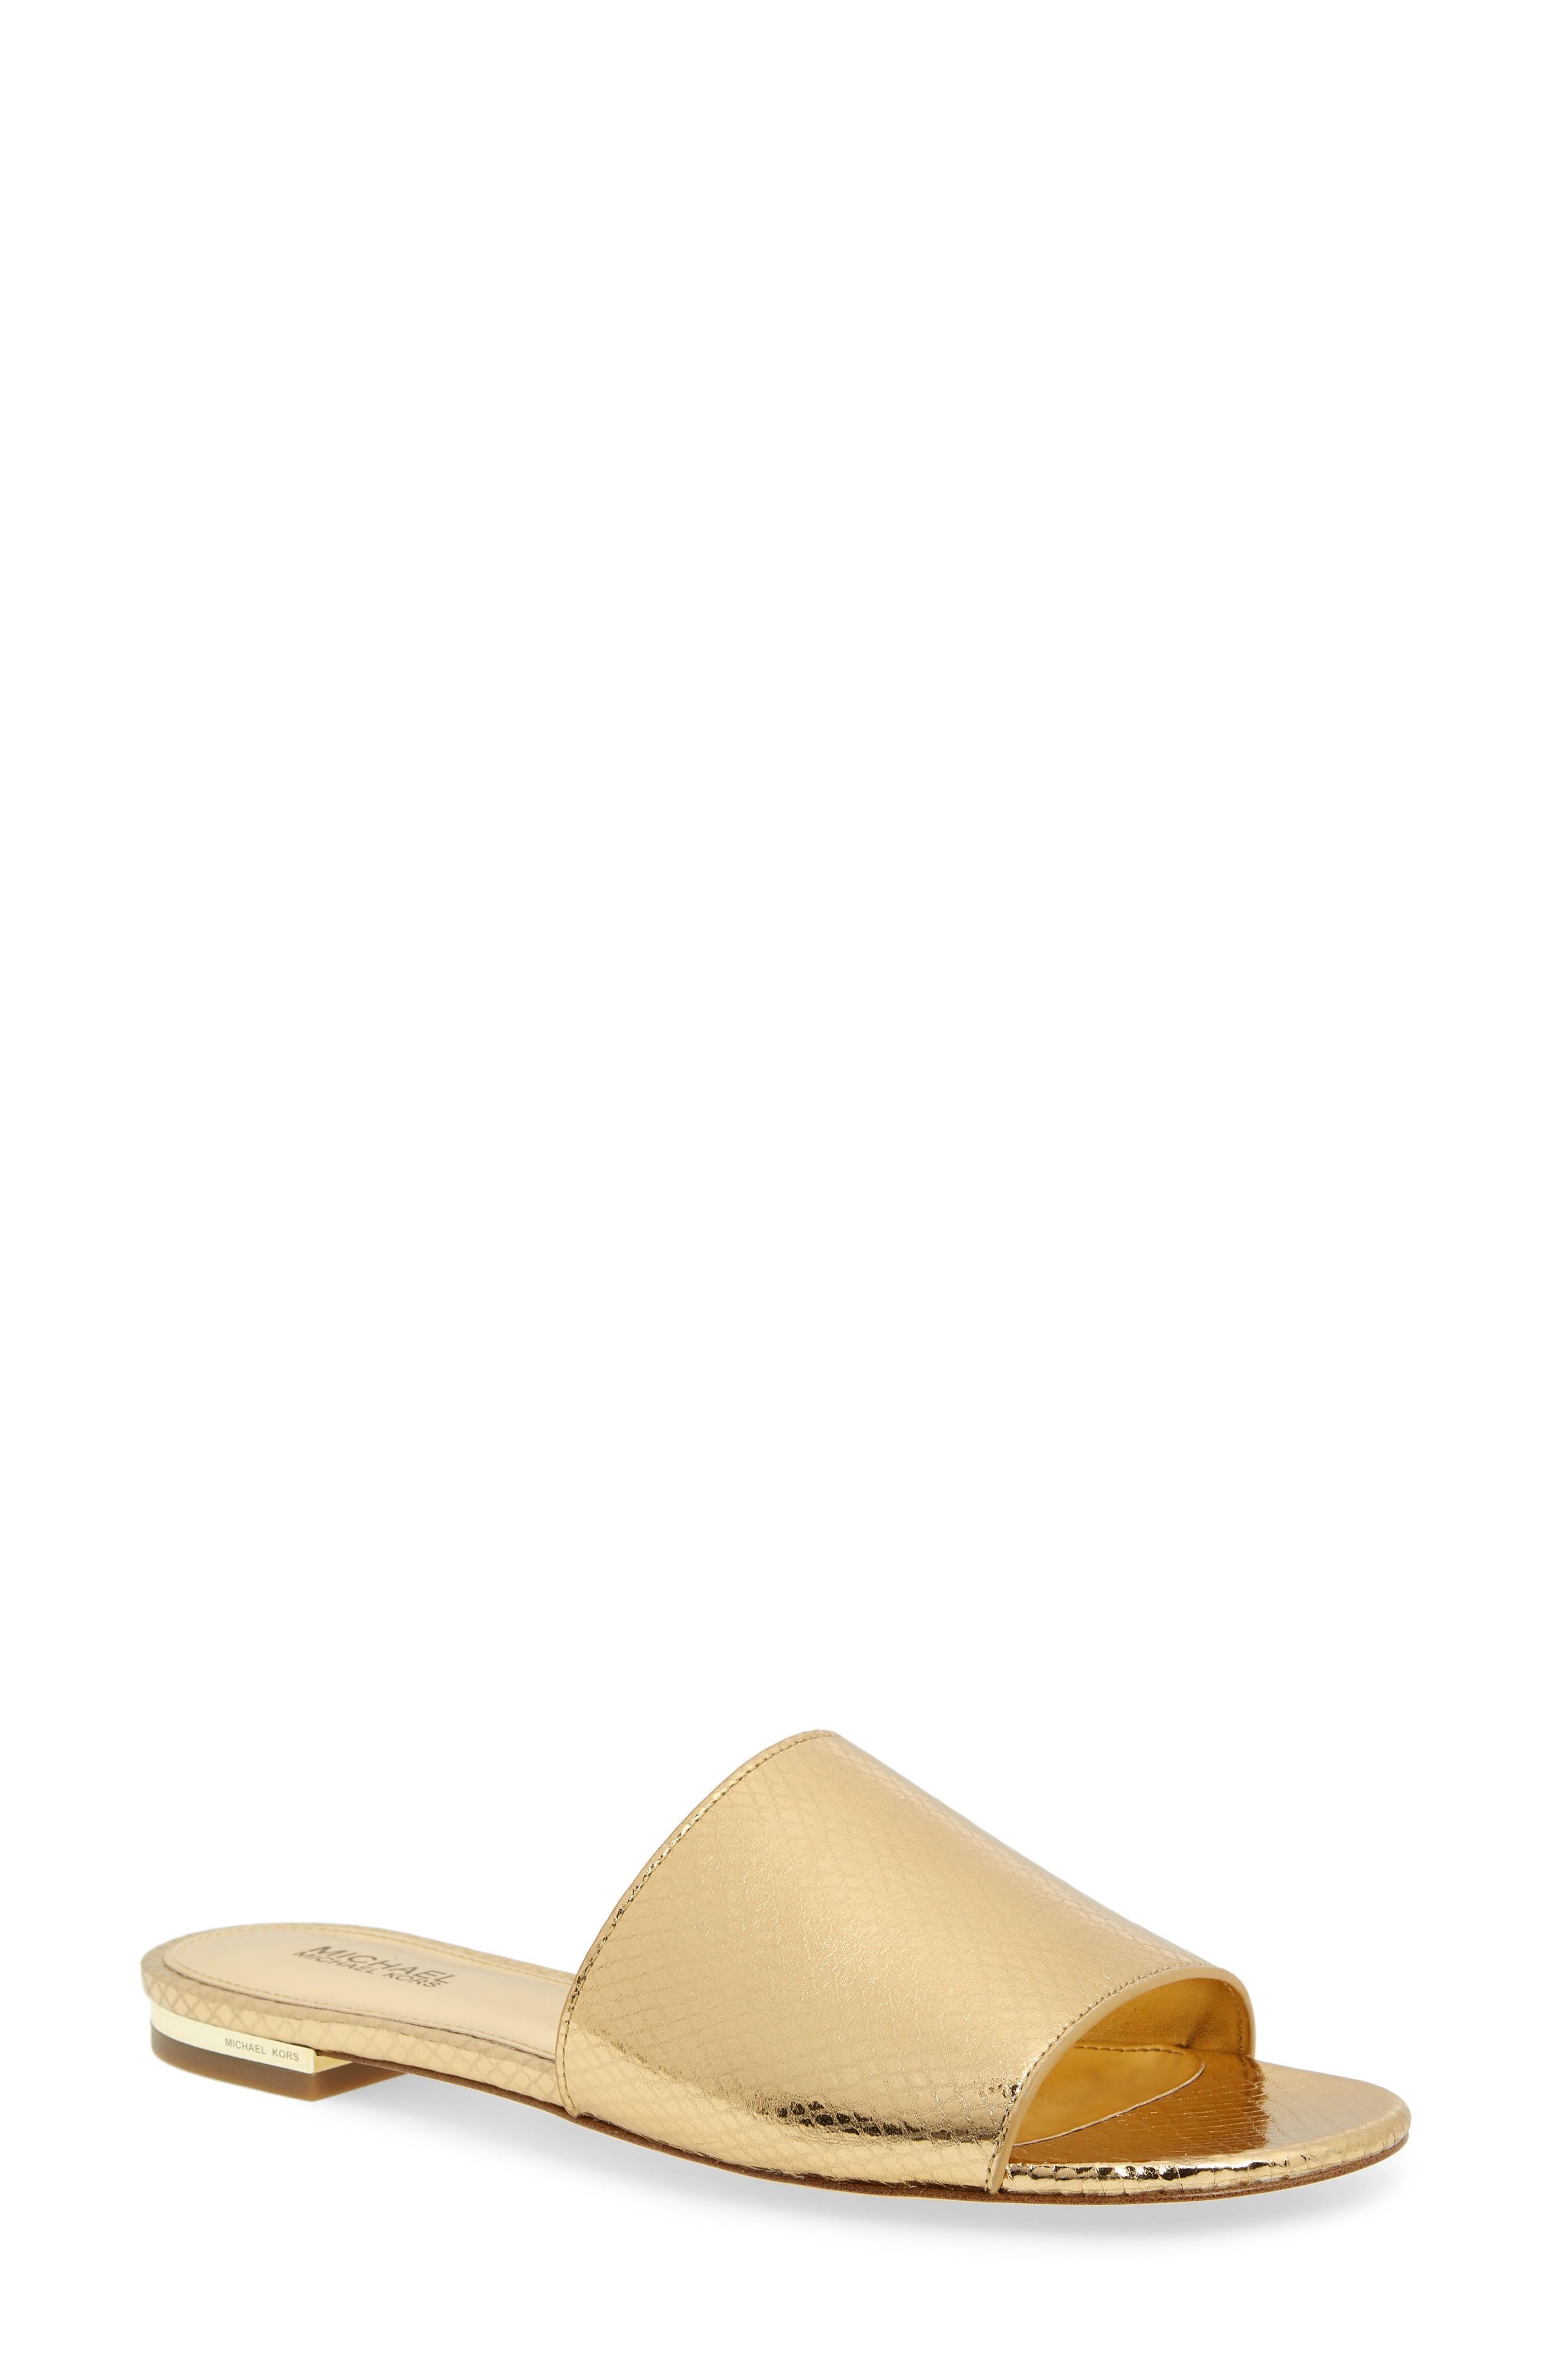 3c1023d82a7d Michael Michael Kors Shelly Slide Sandal In Gold